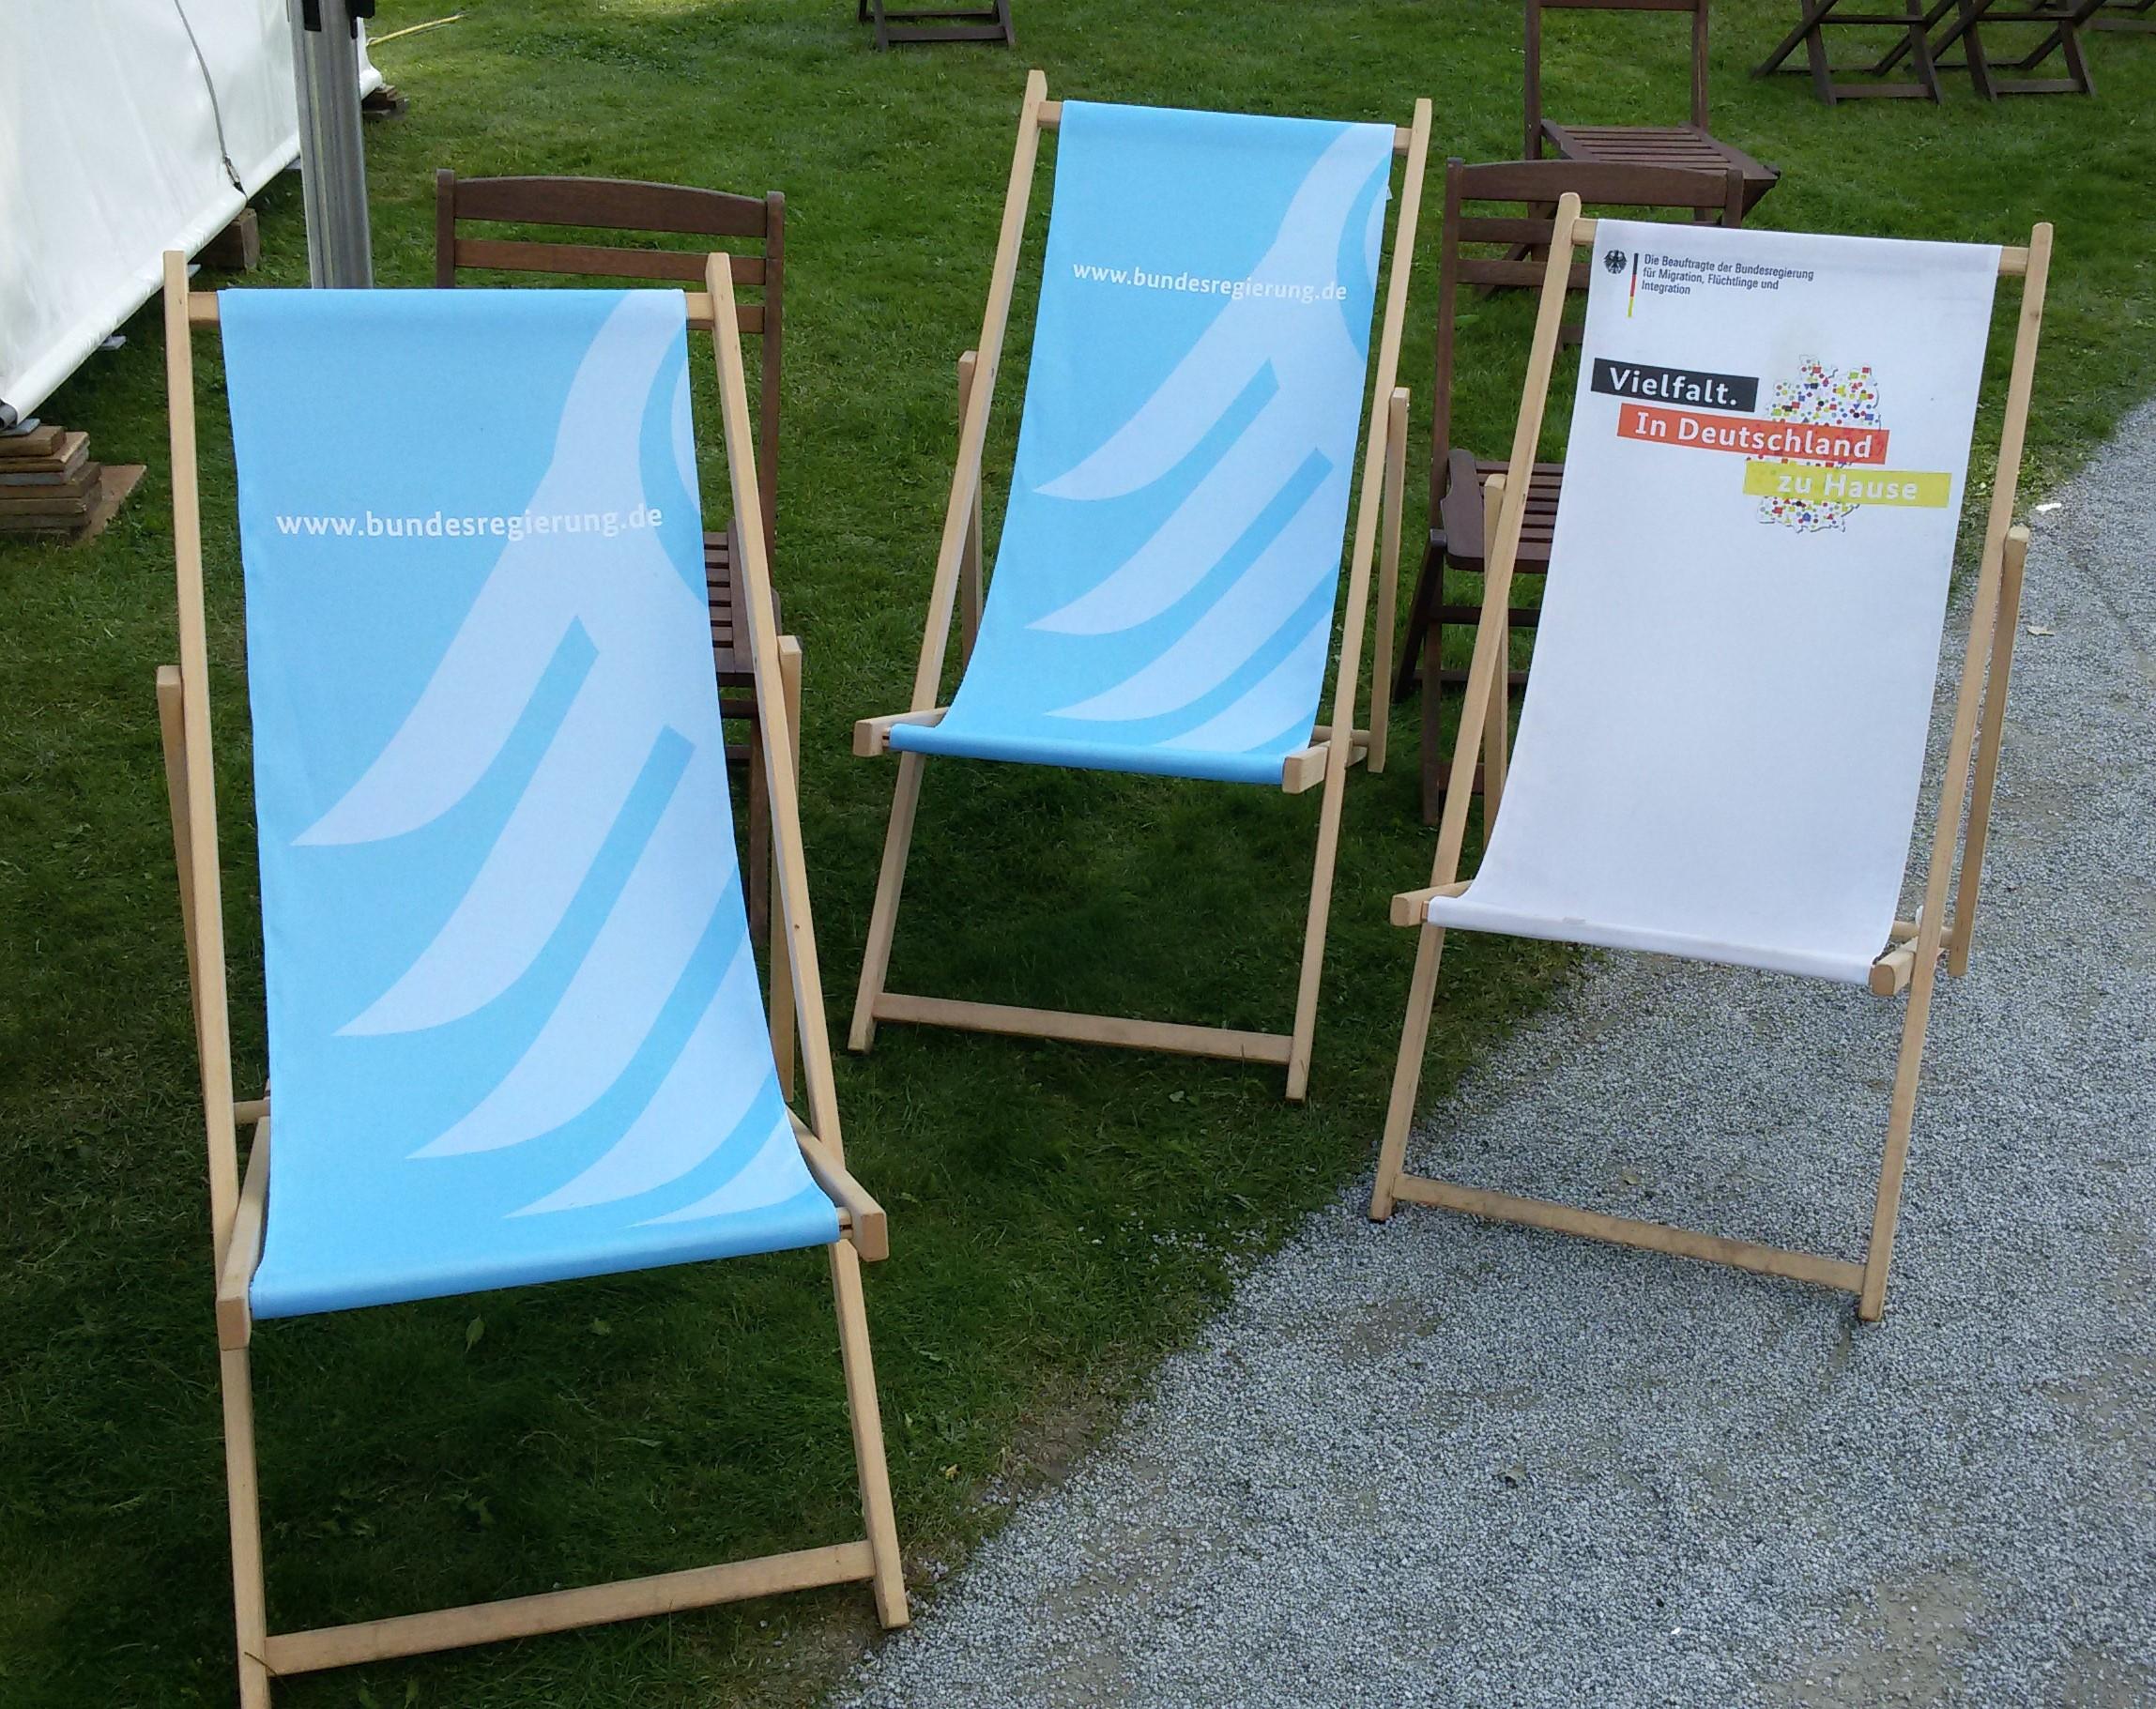 Liegestühle  File:Liegestühle im Kanzlerpark, August 2017.jpg - Wikimedia Commons